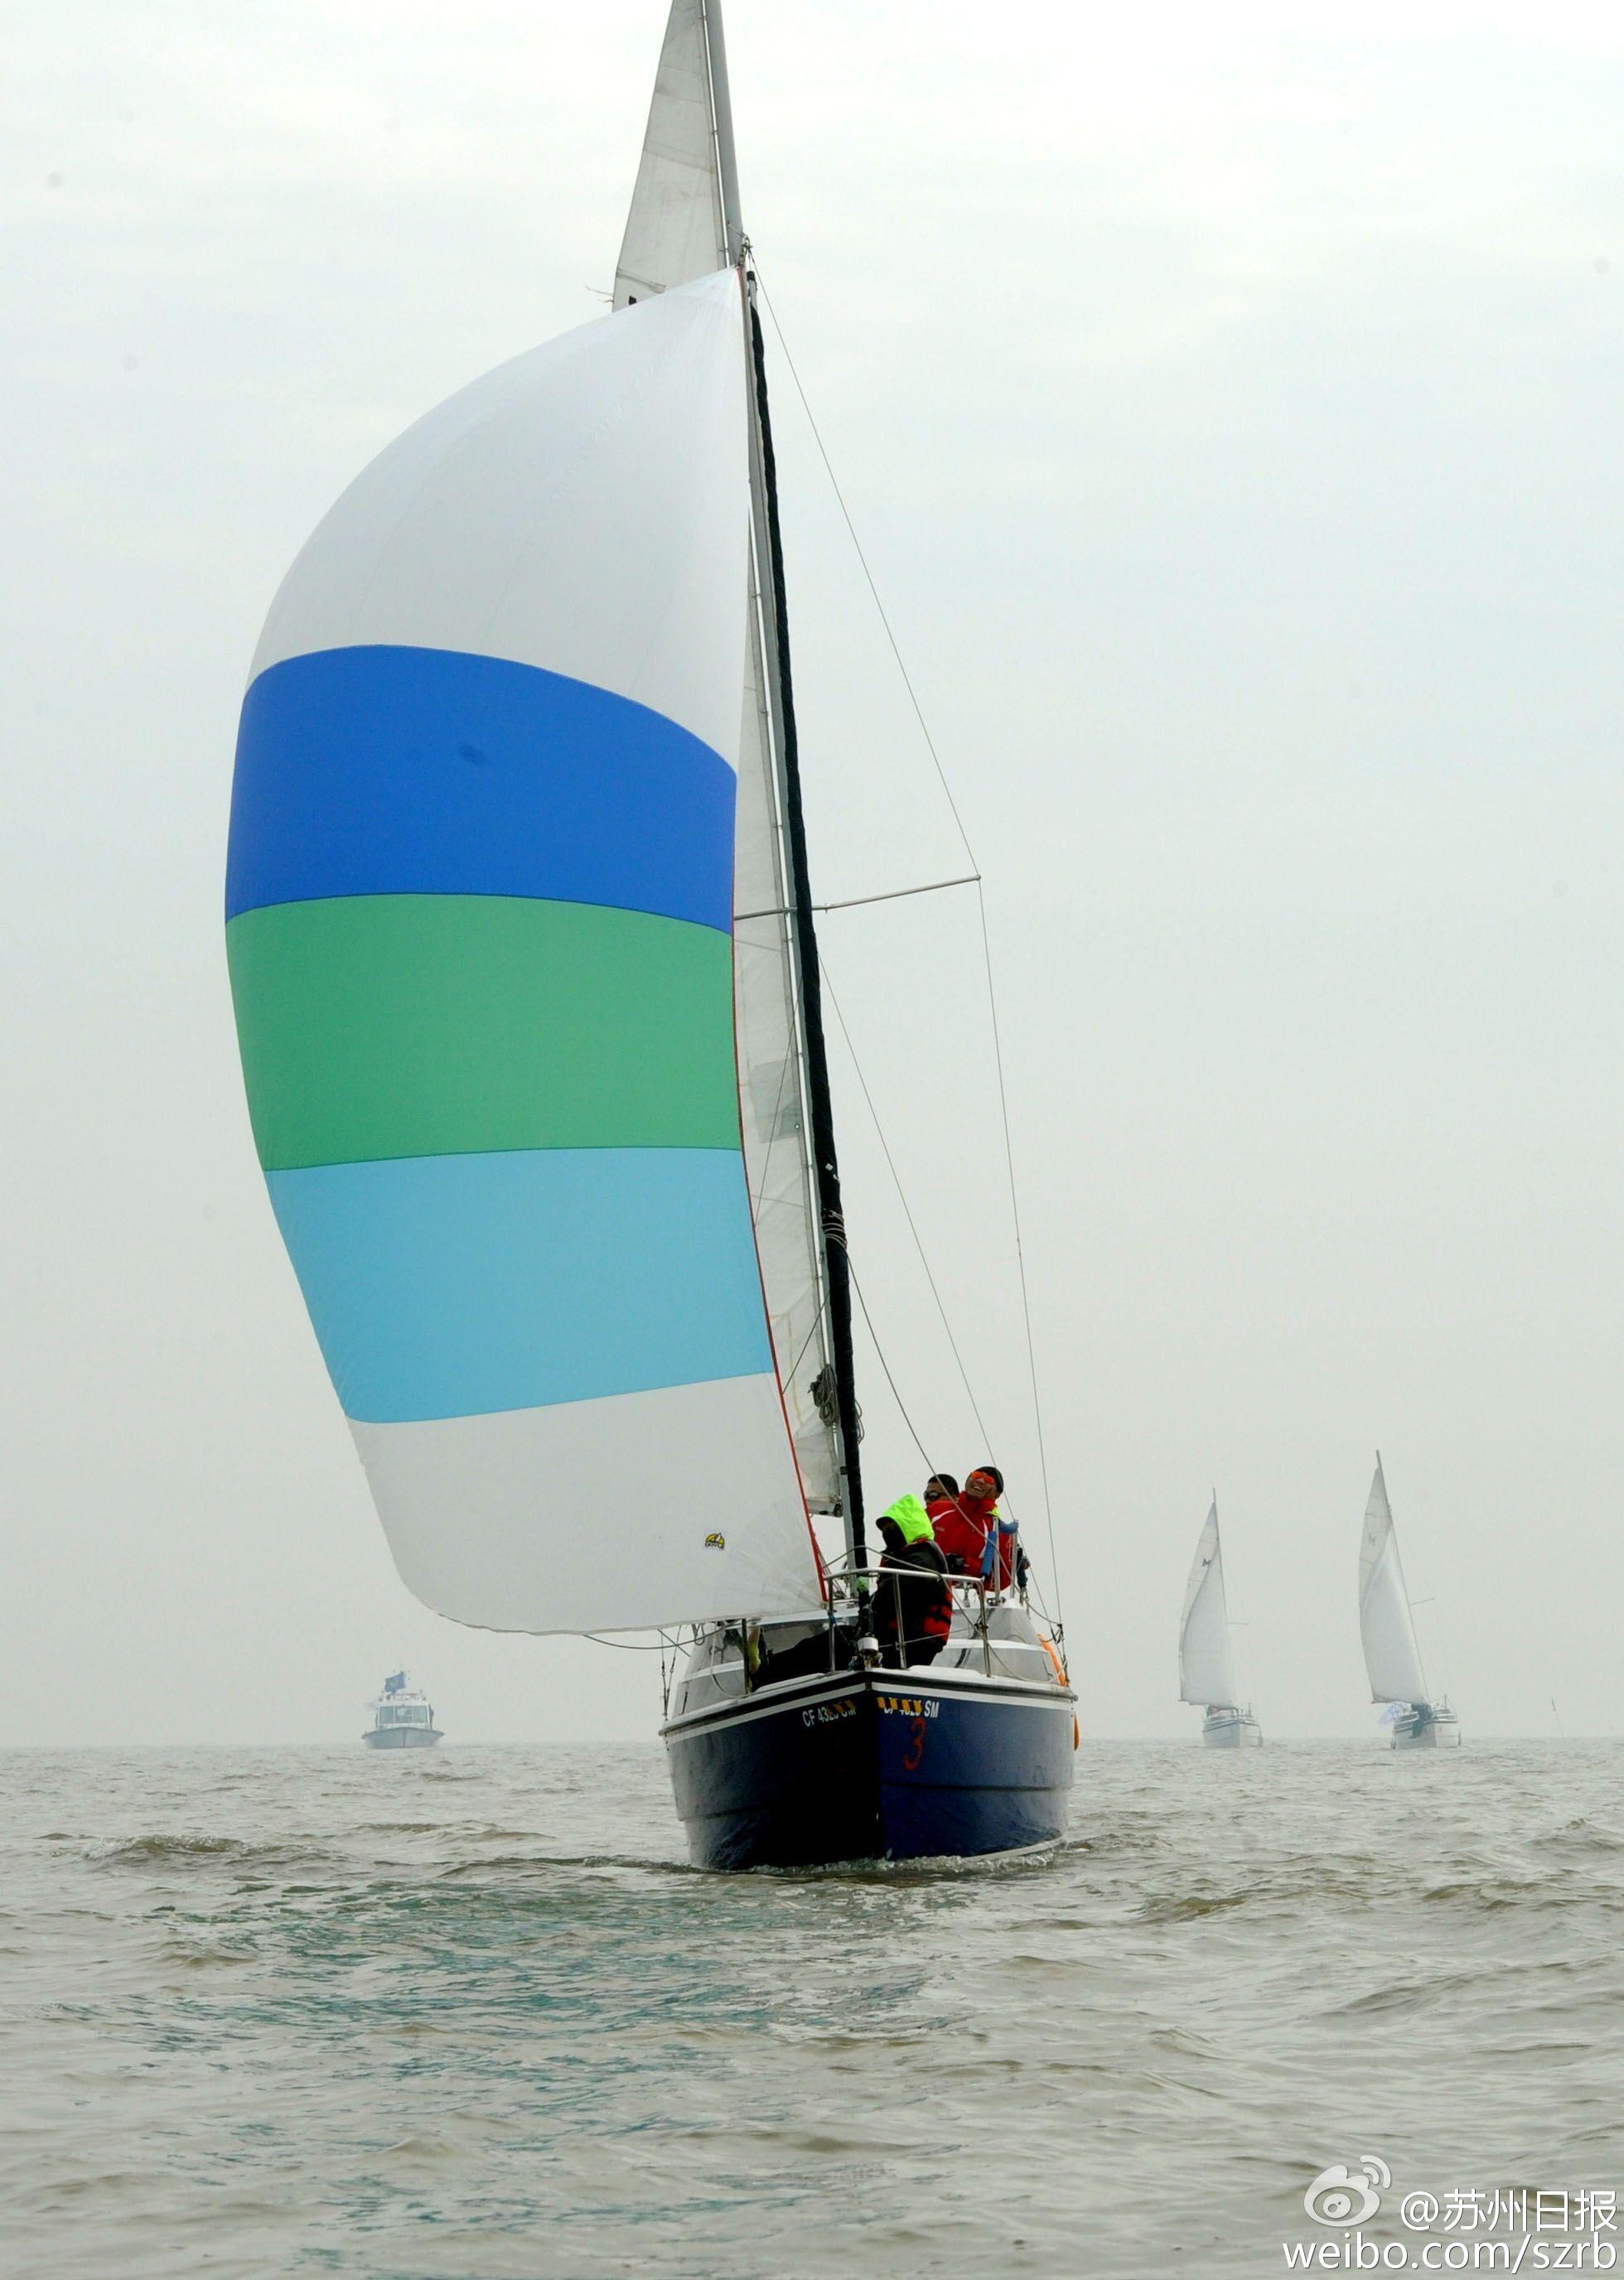 浙江湖州,江苏省,有限公司,帆船运动,卡特琳娜 太湖水域首个帆船比赛环太湖帆船拉力赛扬帆 1.jpg